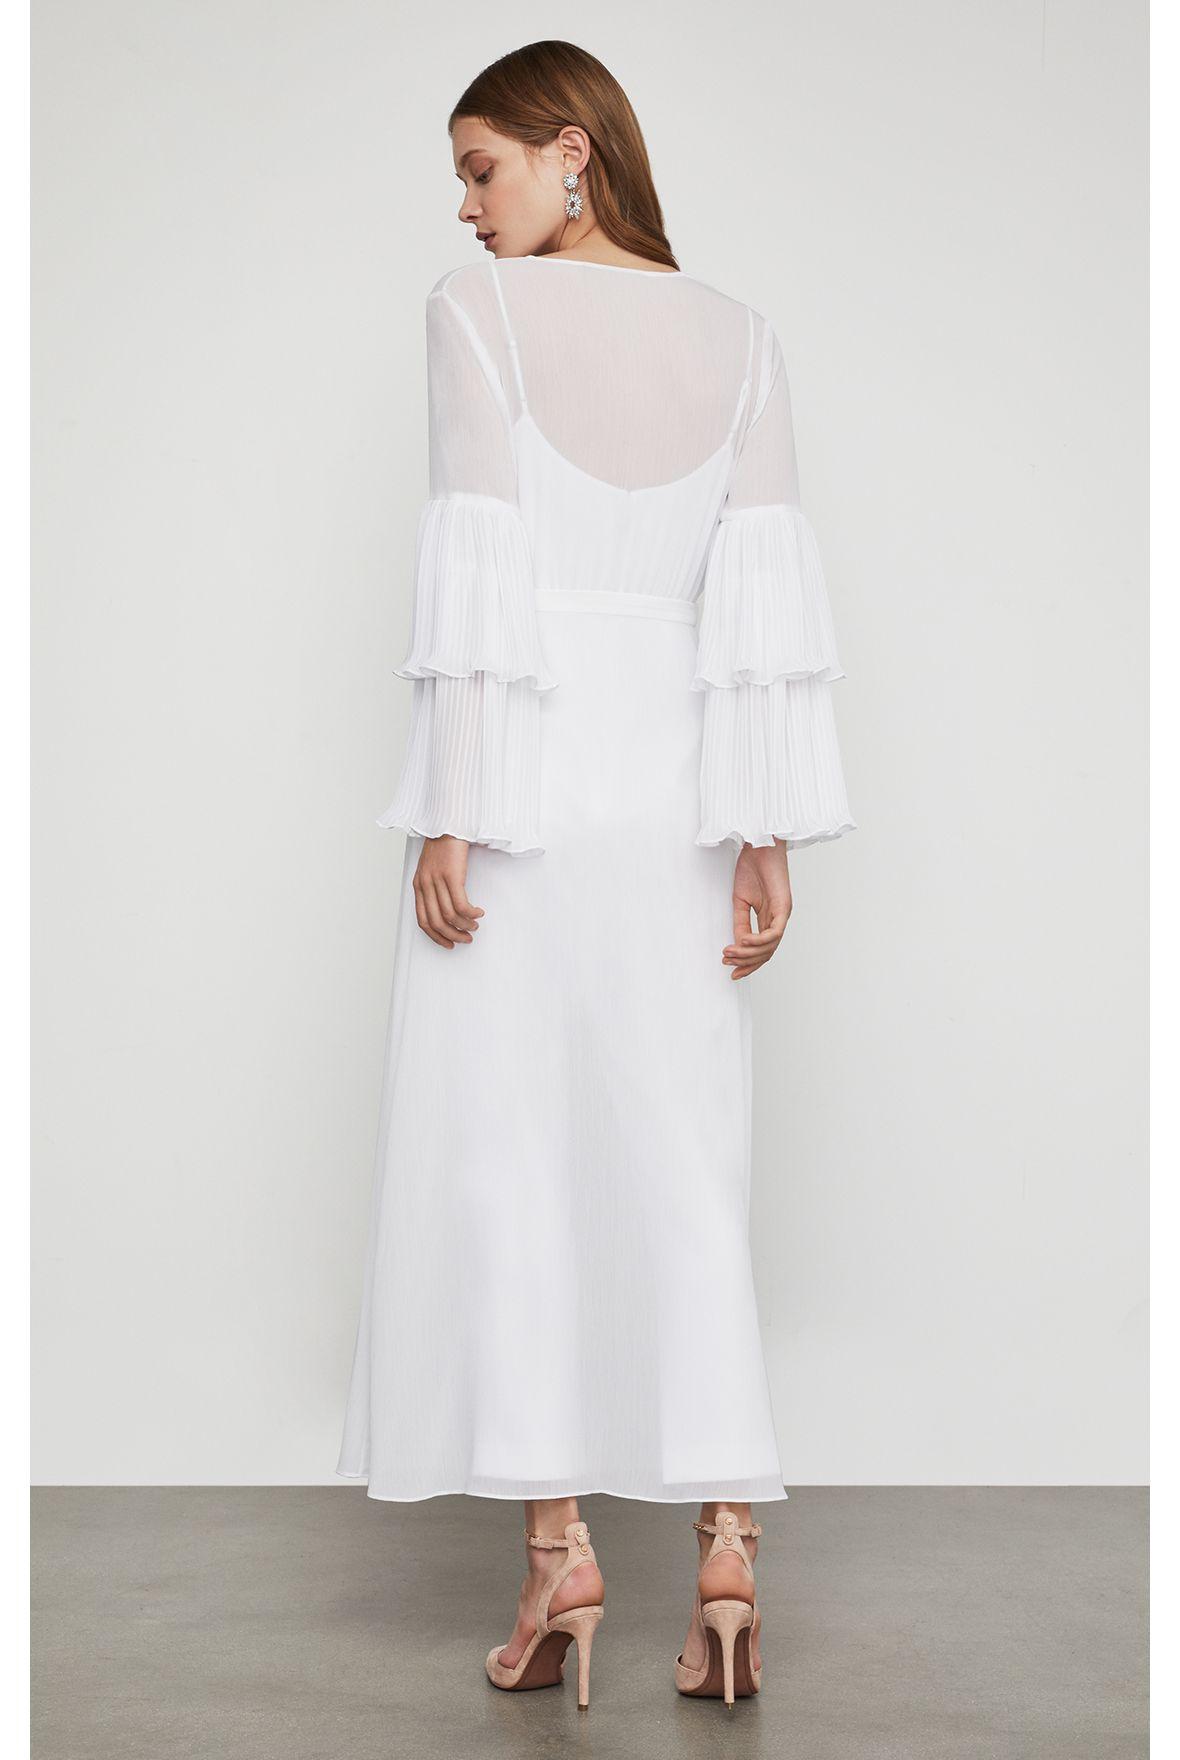 Vestidos de novia BCBG Max Azria 2019